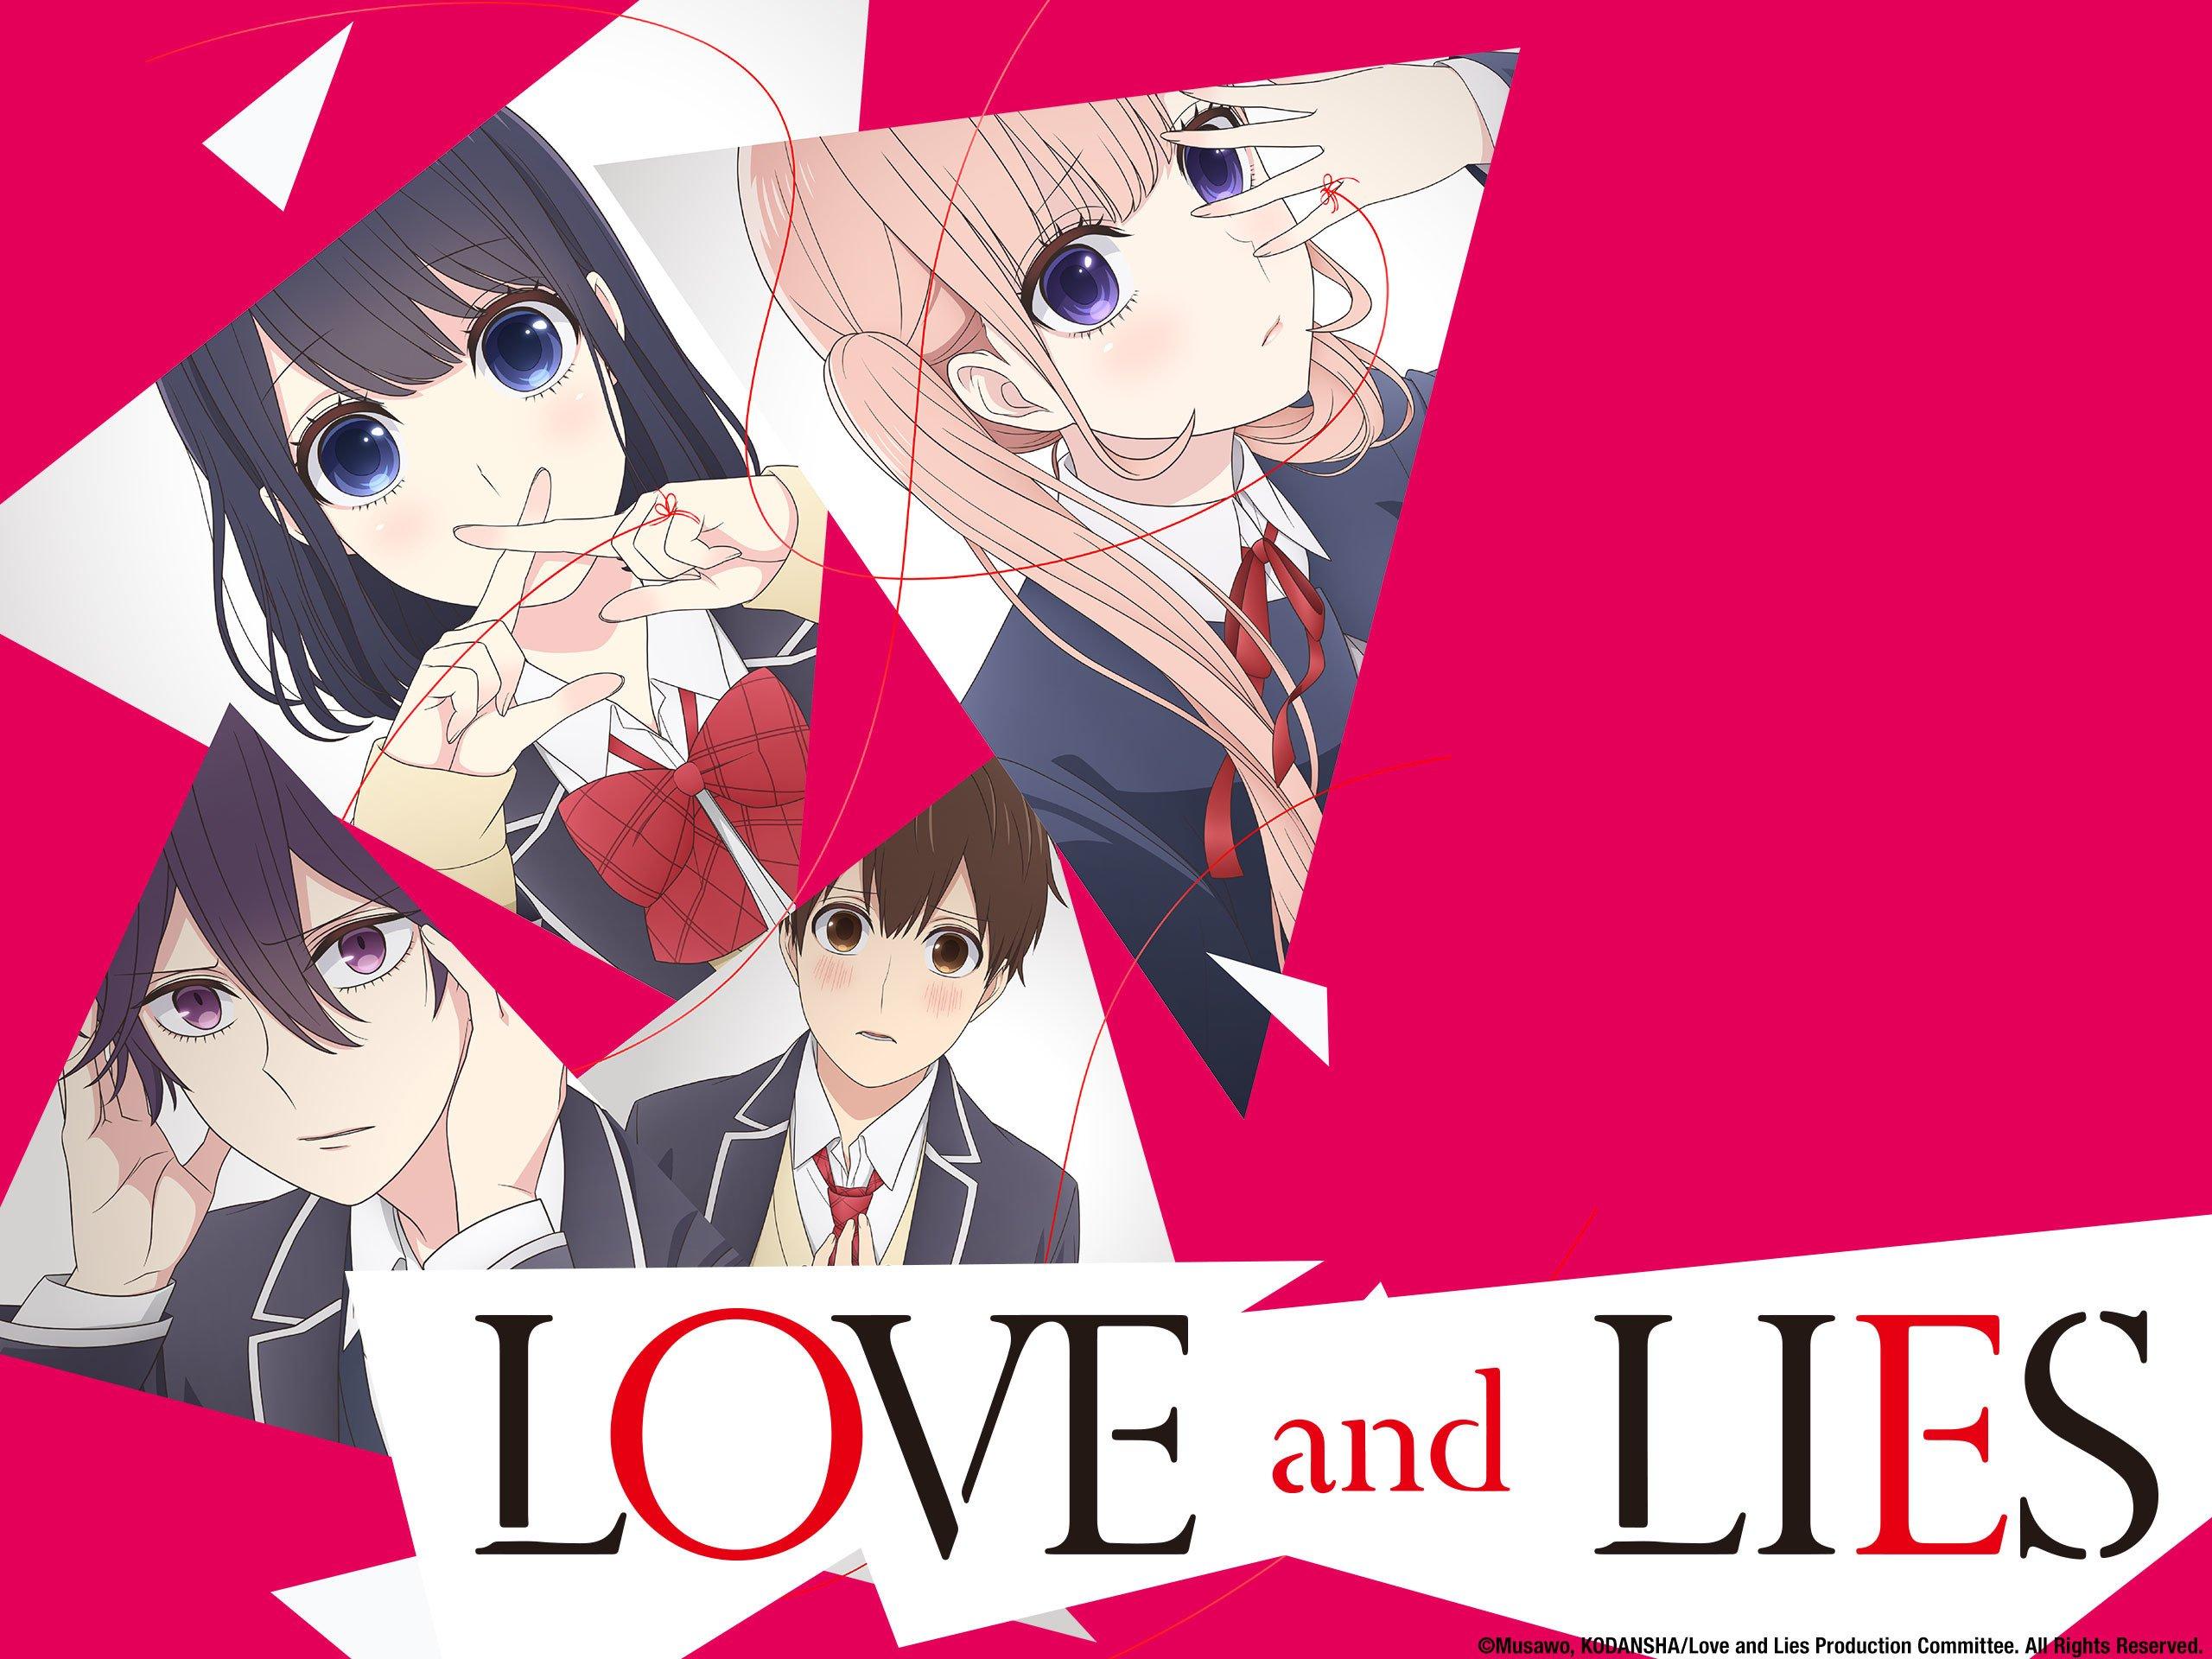 819aXX58VCL. RI Top 10 Romance Anime of 2017